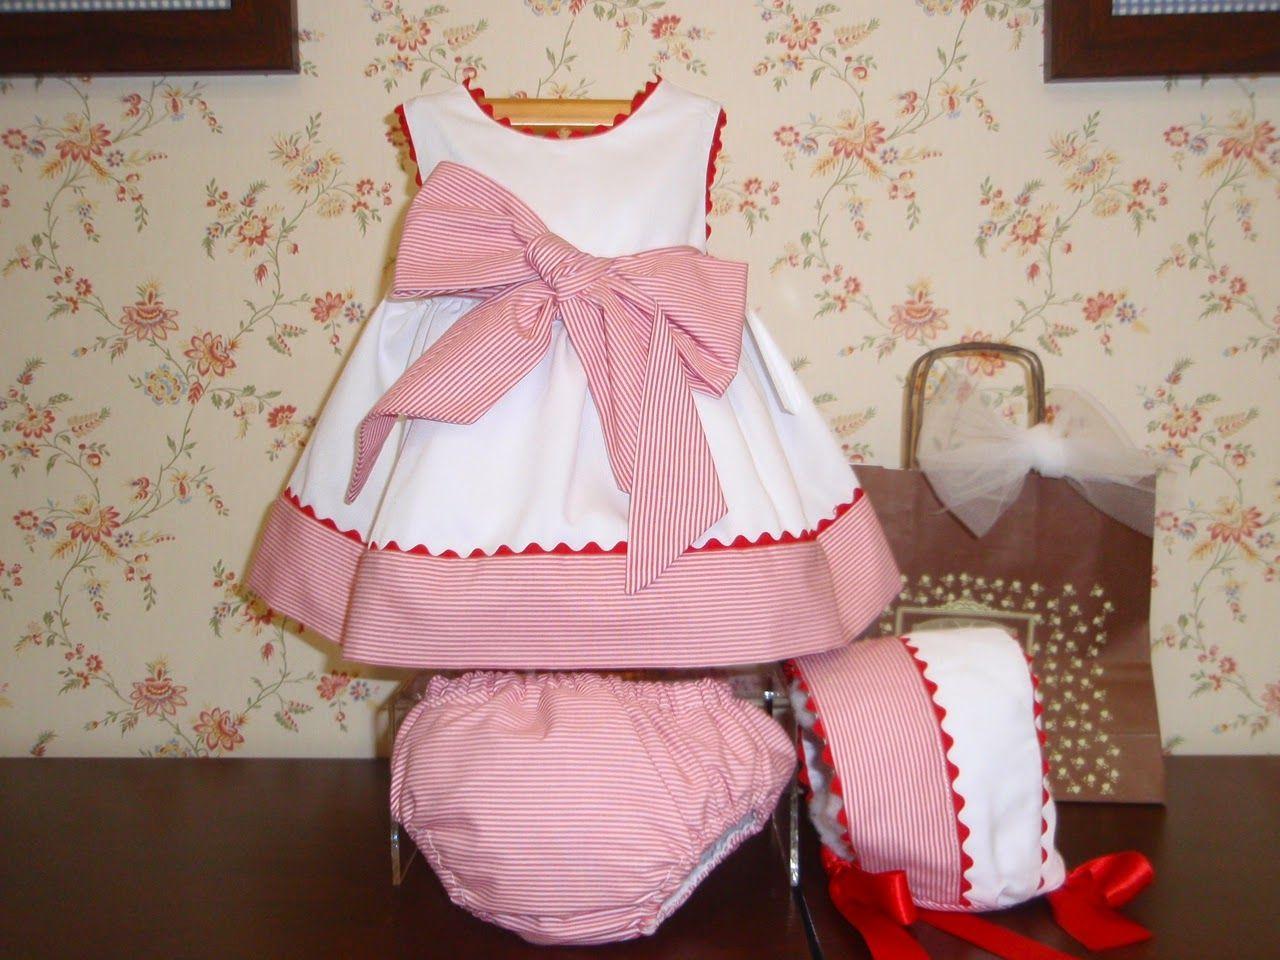 ver ropa de bebe en c&a